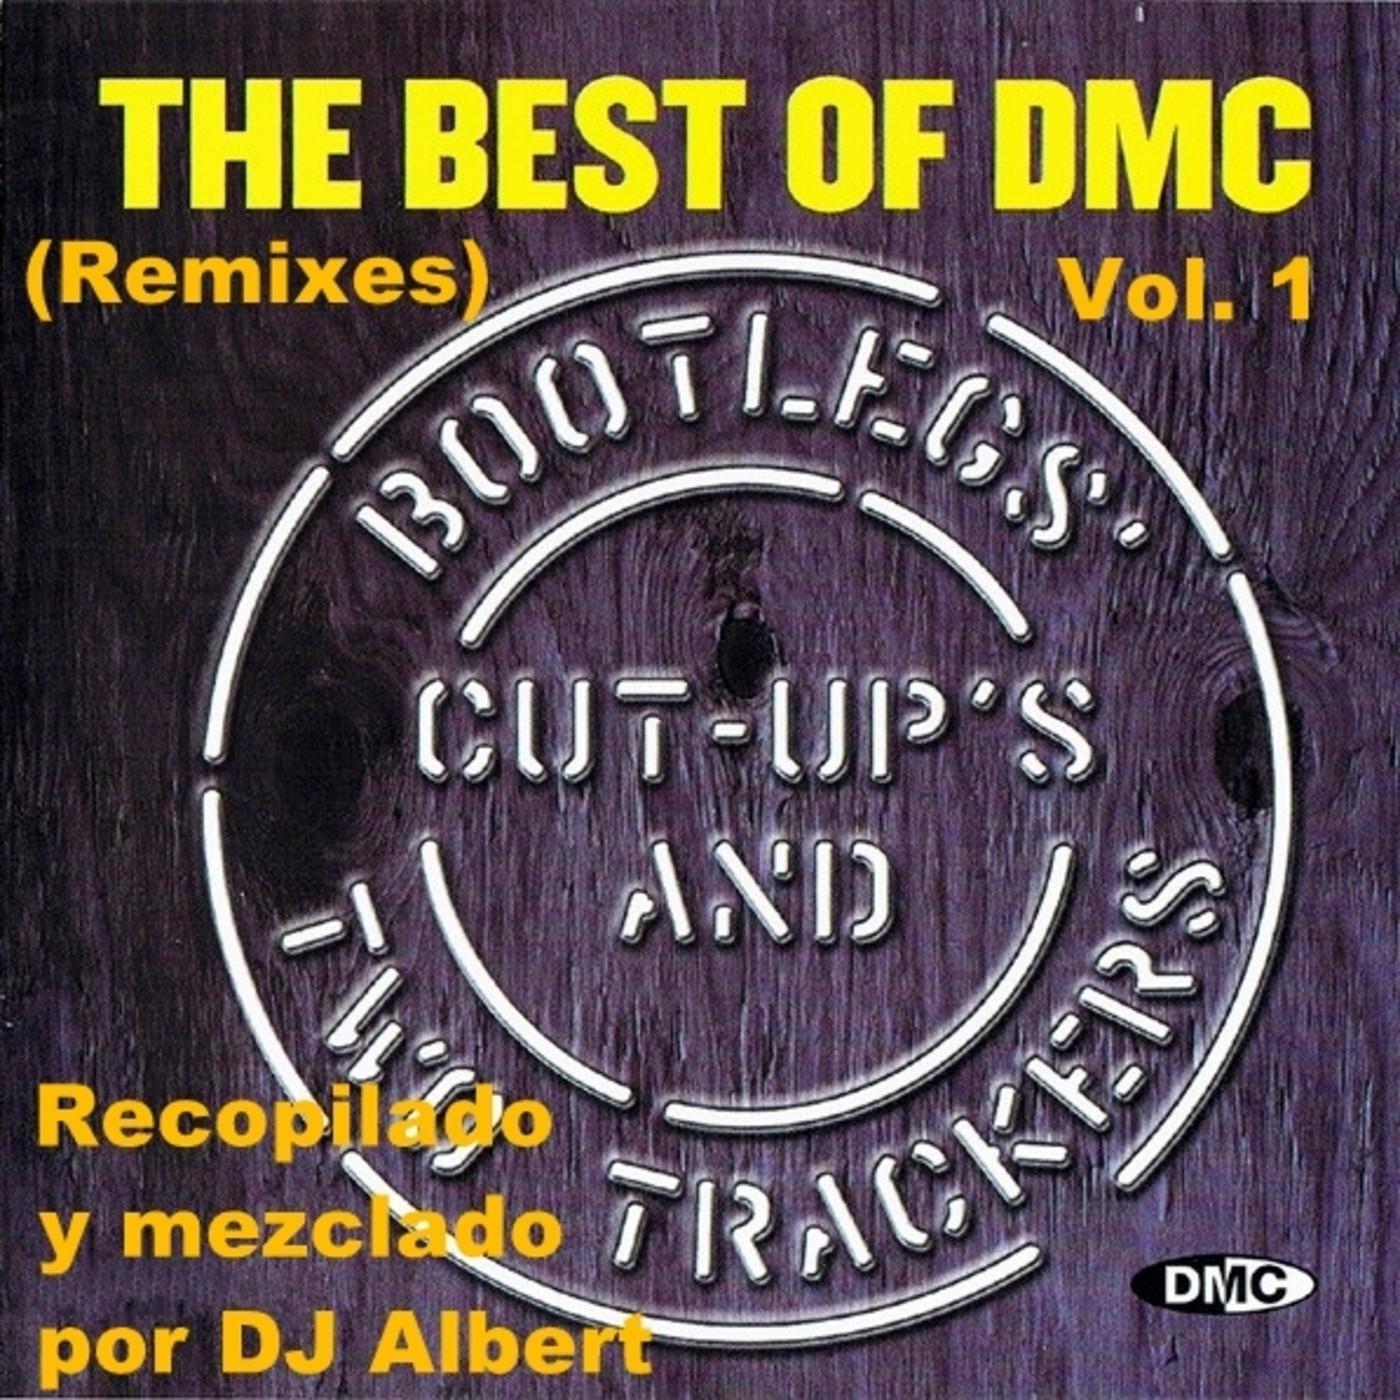 THE BEST OF DMC (Remixes) Vol  1 Recopilado y mezclado por DJ Albert